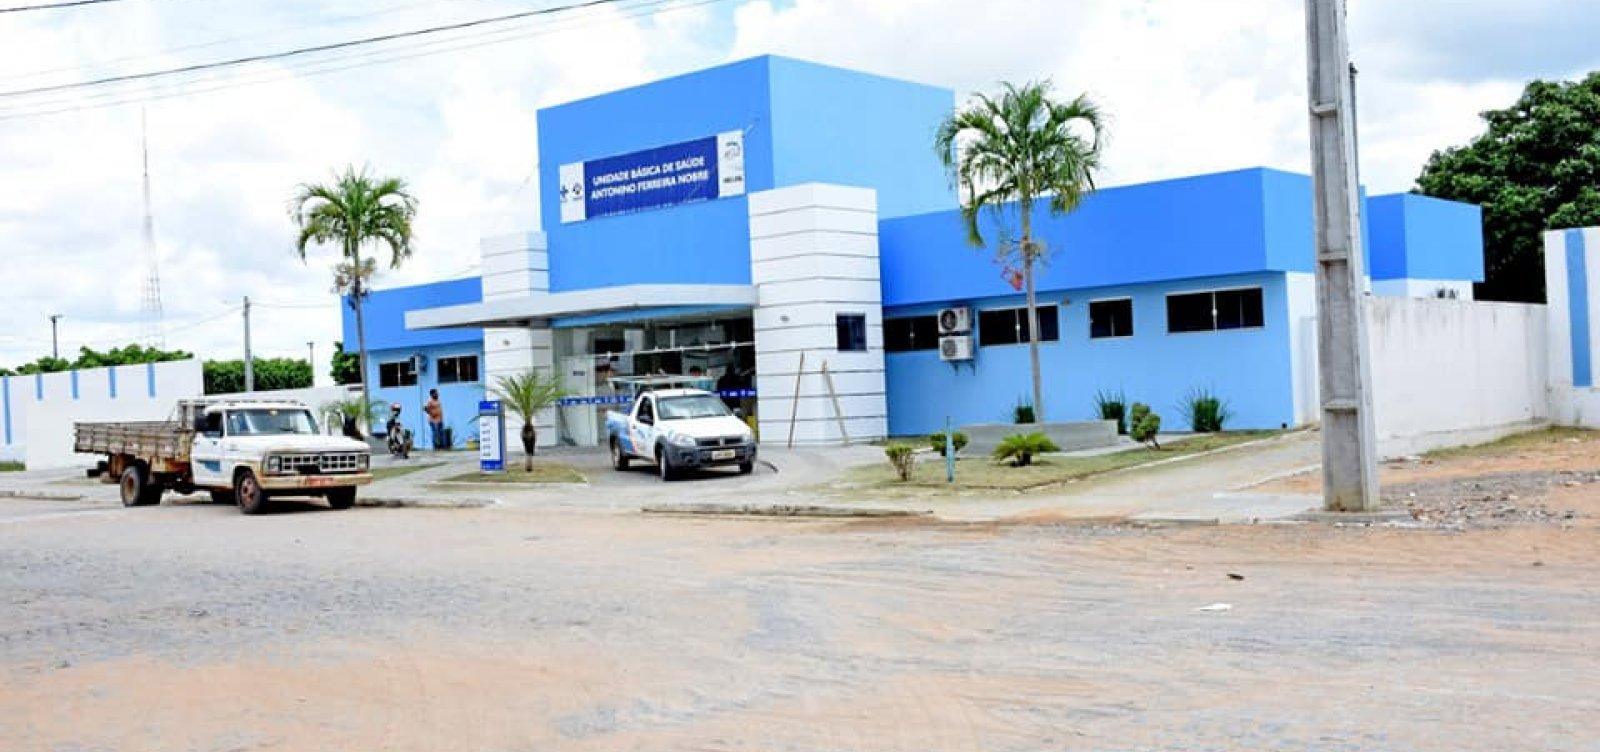 Coelba corta luz da prefeitura de Ribeira do Pombal; município culpa gestão anterior por dívida de R$ 21 milhões